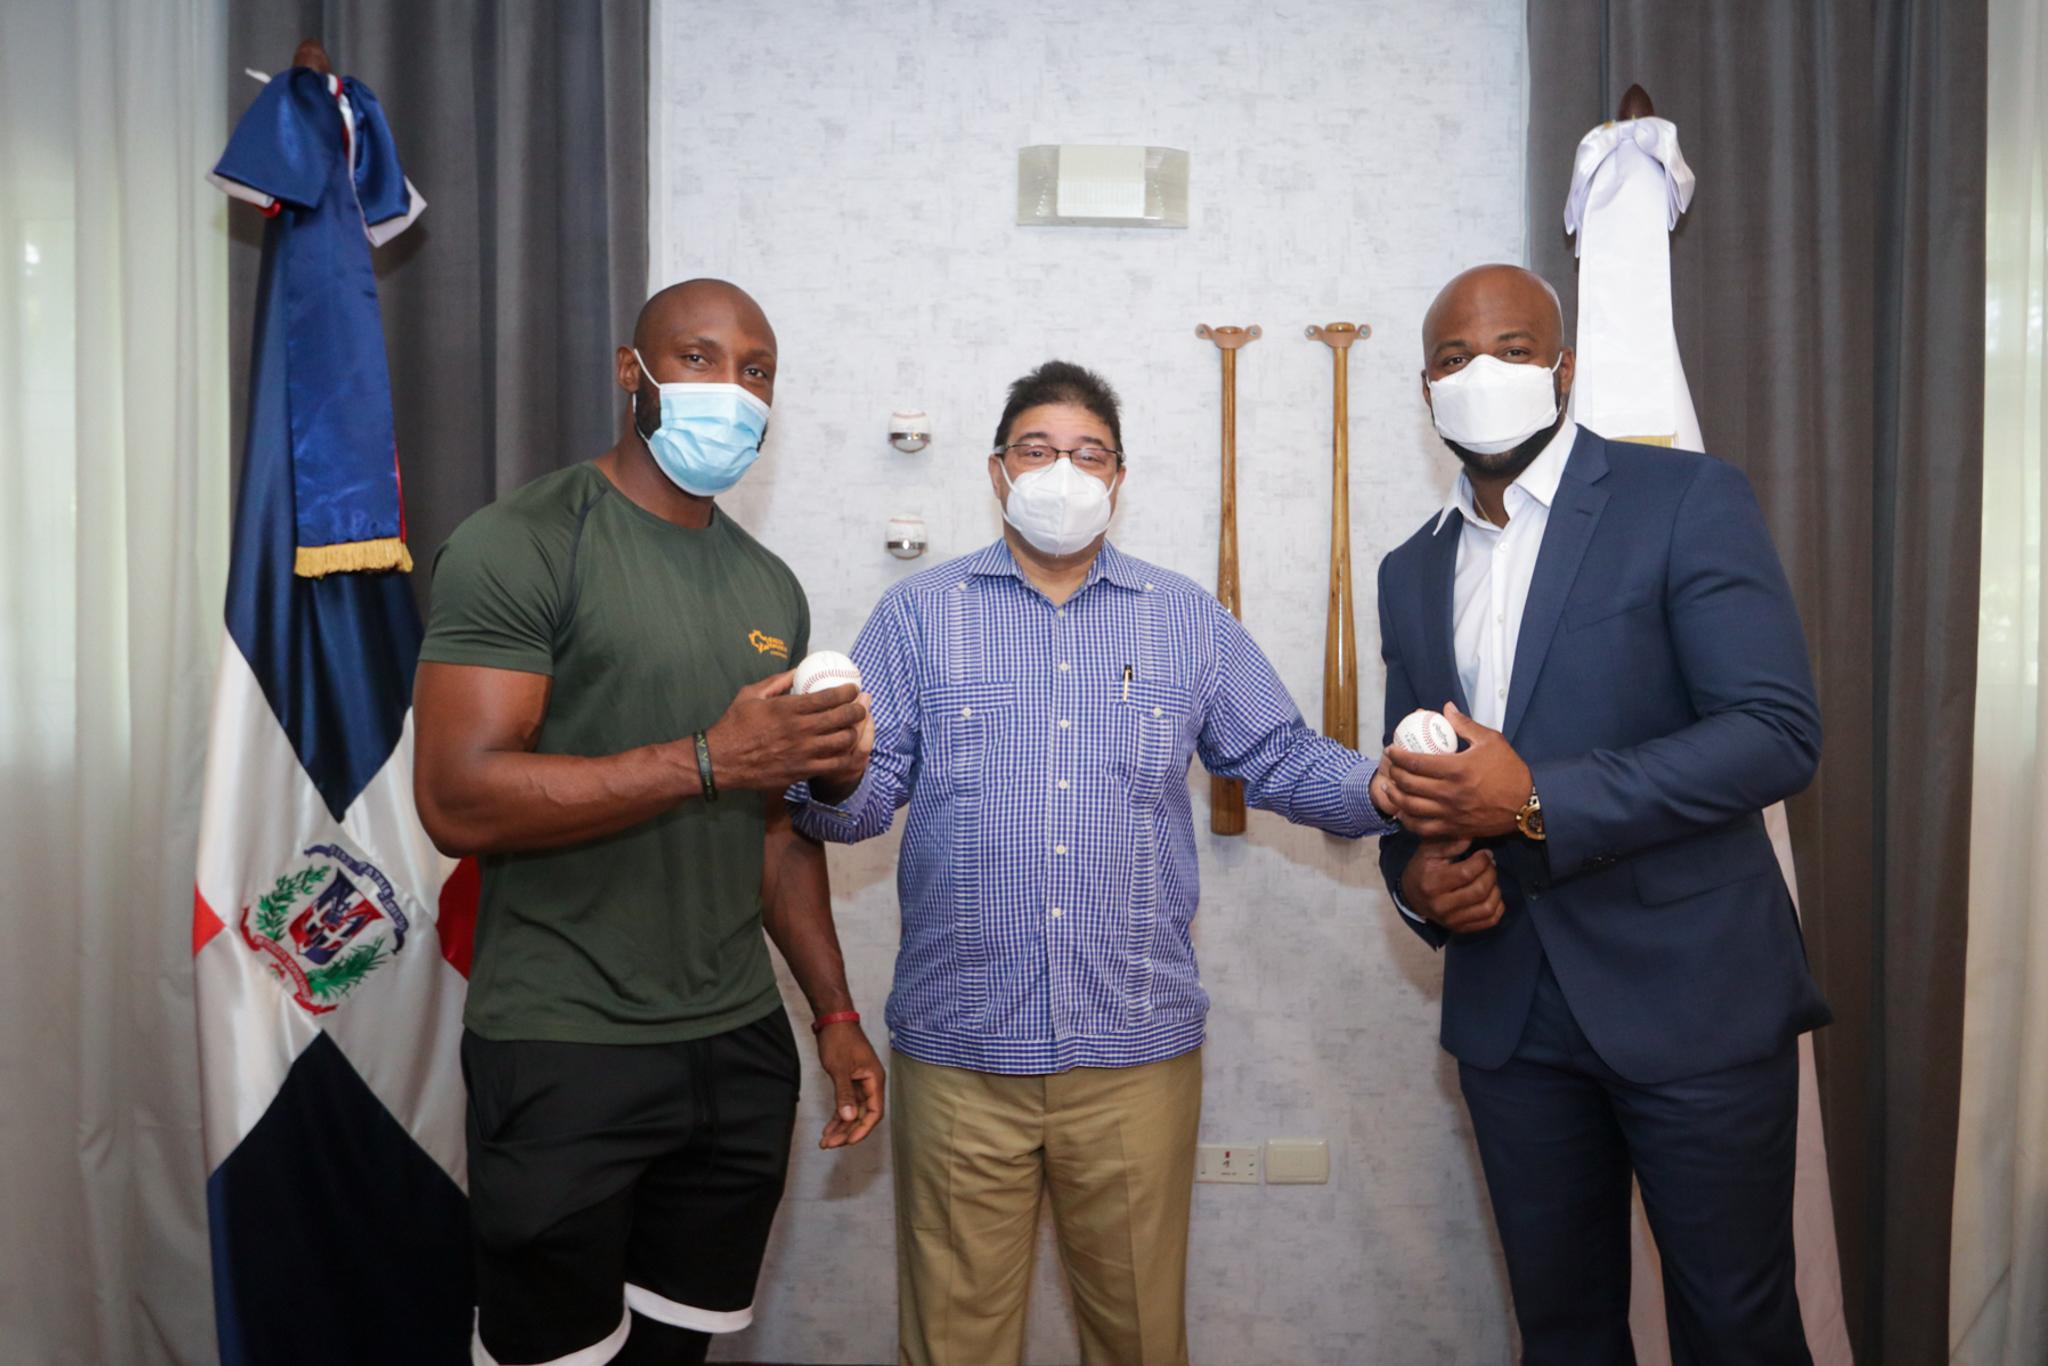 Marte y Rojas Jr. giran visita  a ministro Francisco Camacho